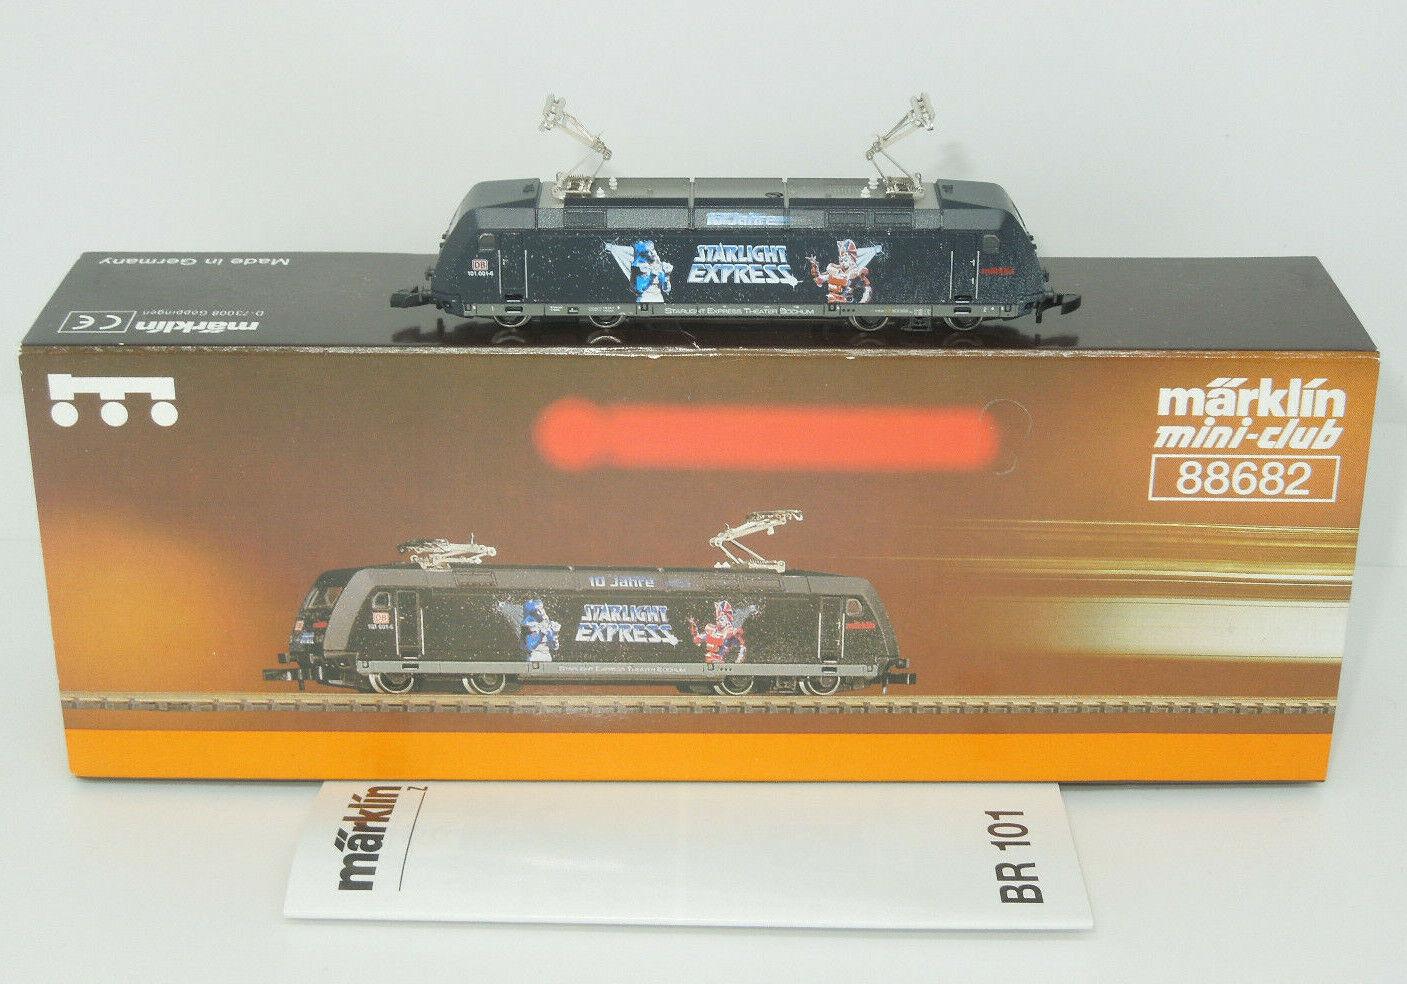 Märklin mini-Verein 88682 E-Lok BR 101 Sternlight Express (2)